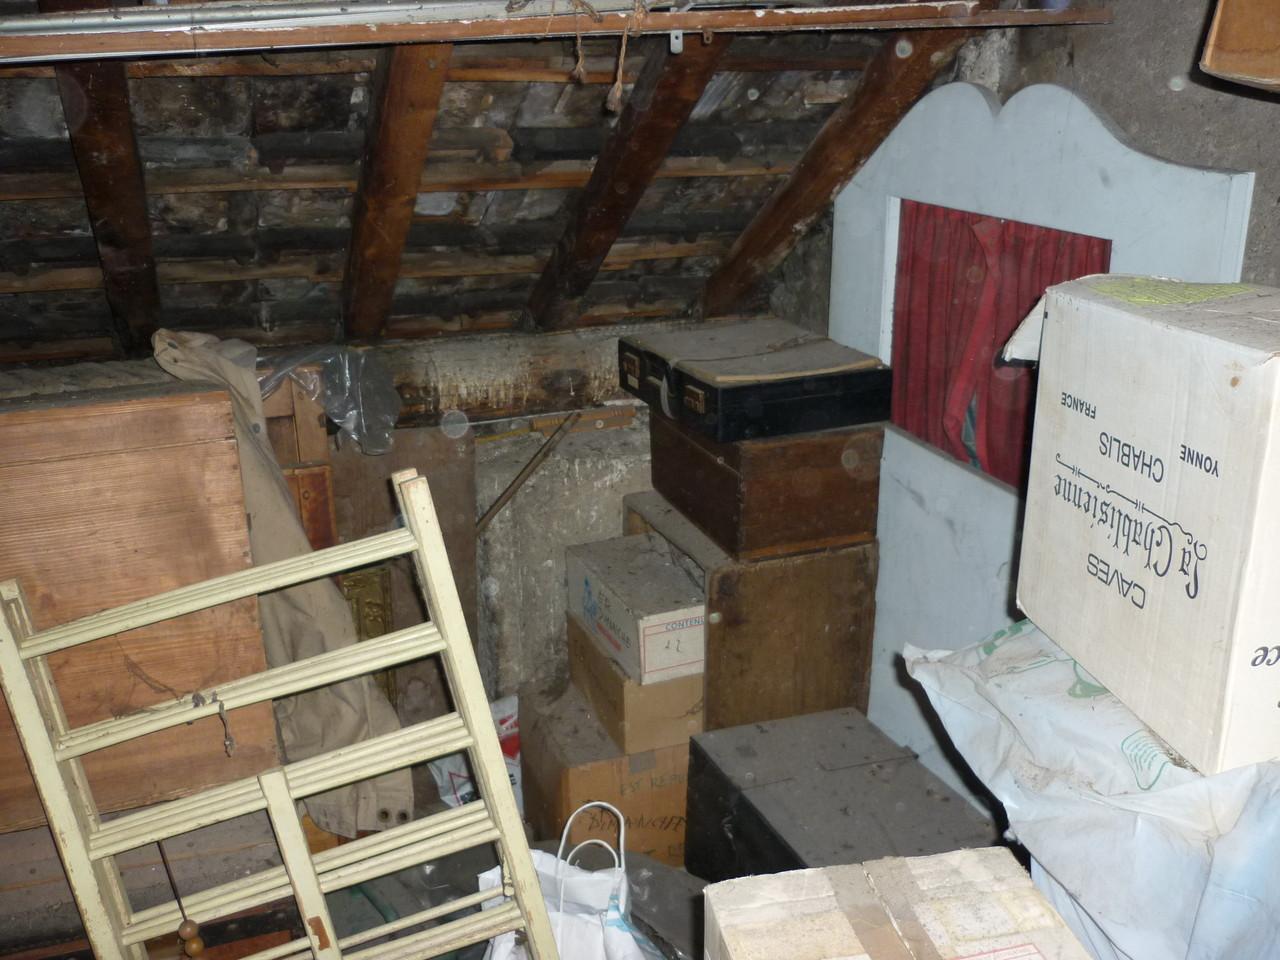 débarras d'un grenier à Morteau, doubs, 25, AVANT INTERVENTION....... entreprise de déblaiement-débarras AHLEN